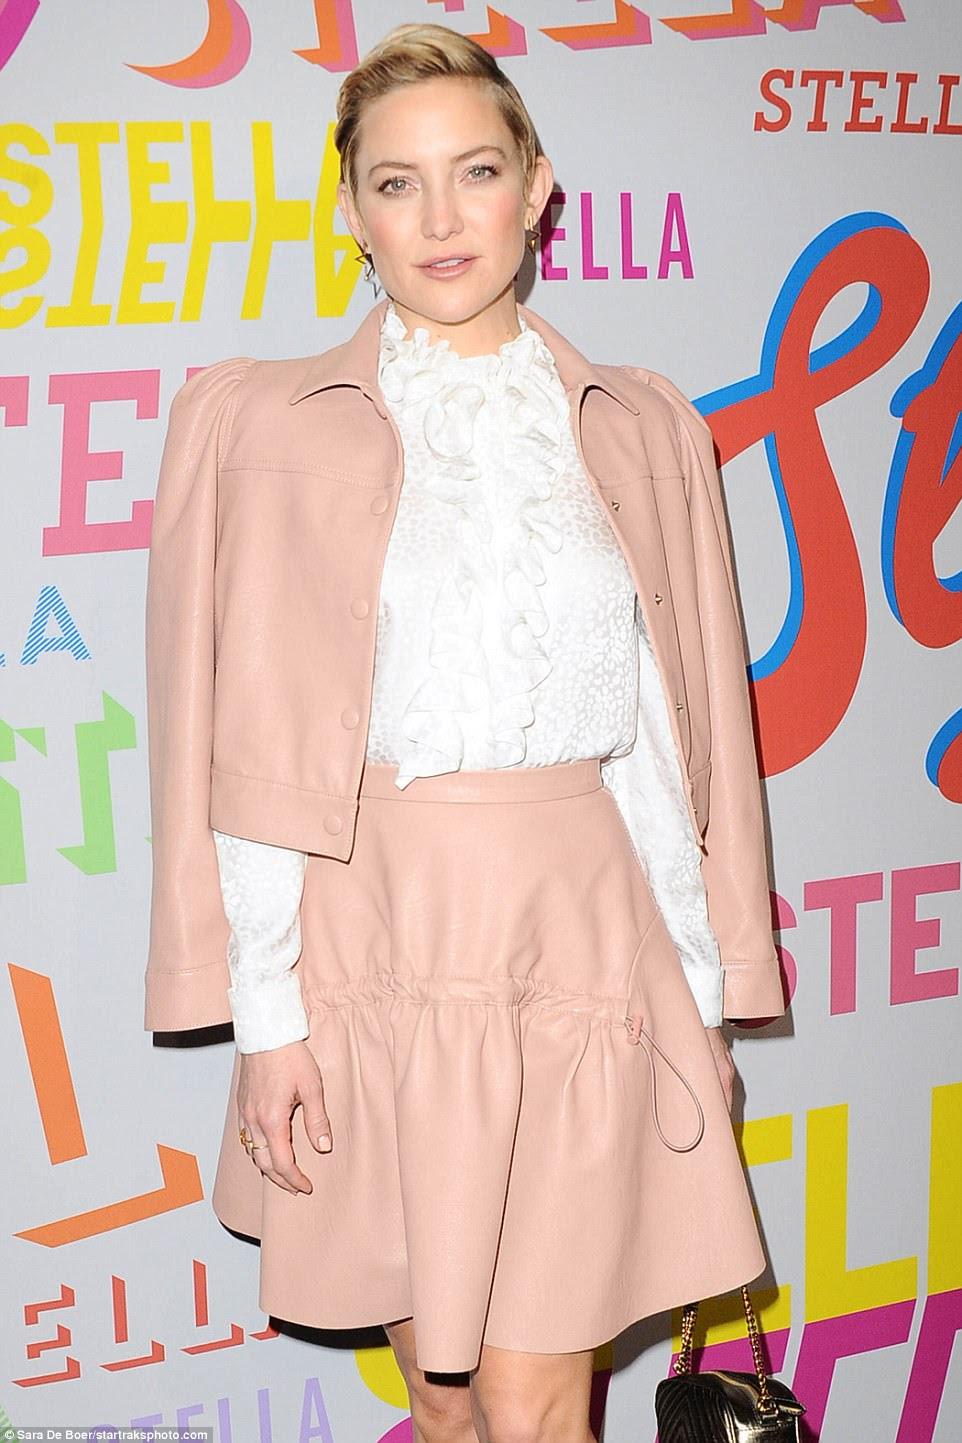 Aglow: na festa de Stella McCartney, Kate cortou uma figura chique em um top branco com garras e saltos brancos, arruinando o cabelo loiro curto para um lado